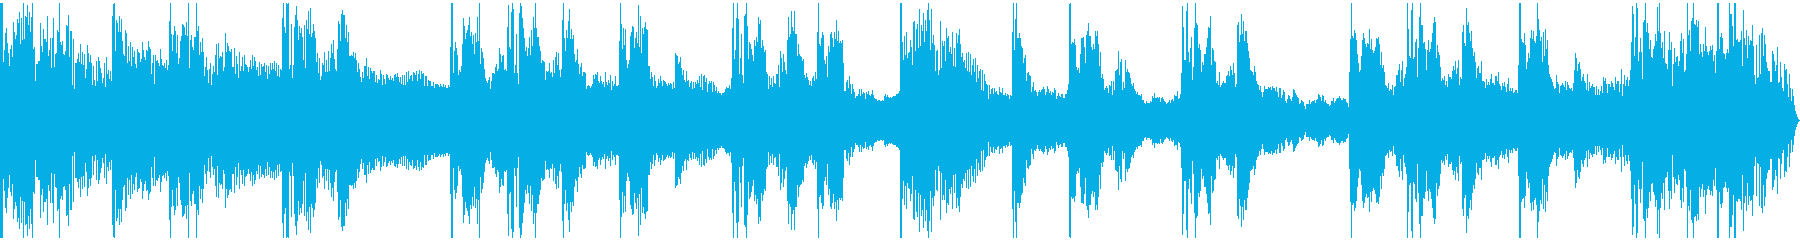 【エレクトロニカ】ロング3、ショート4の再生済みの波形